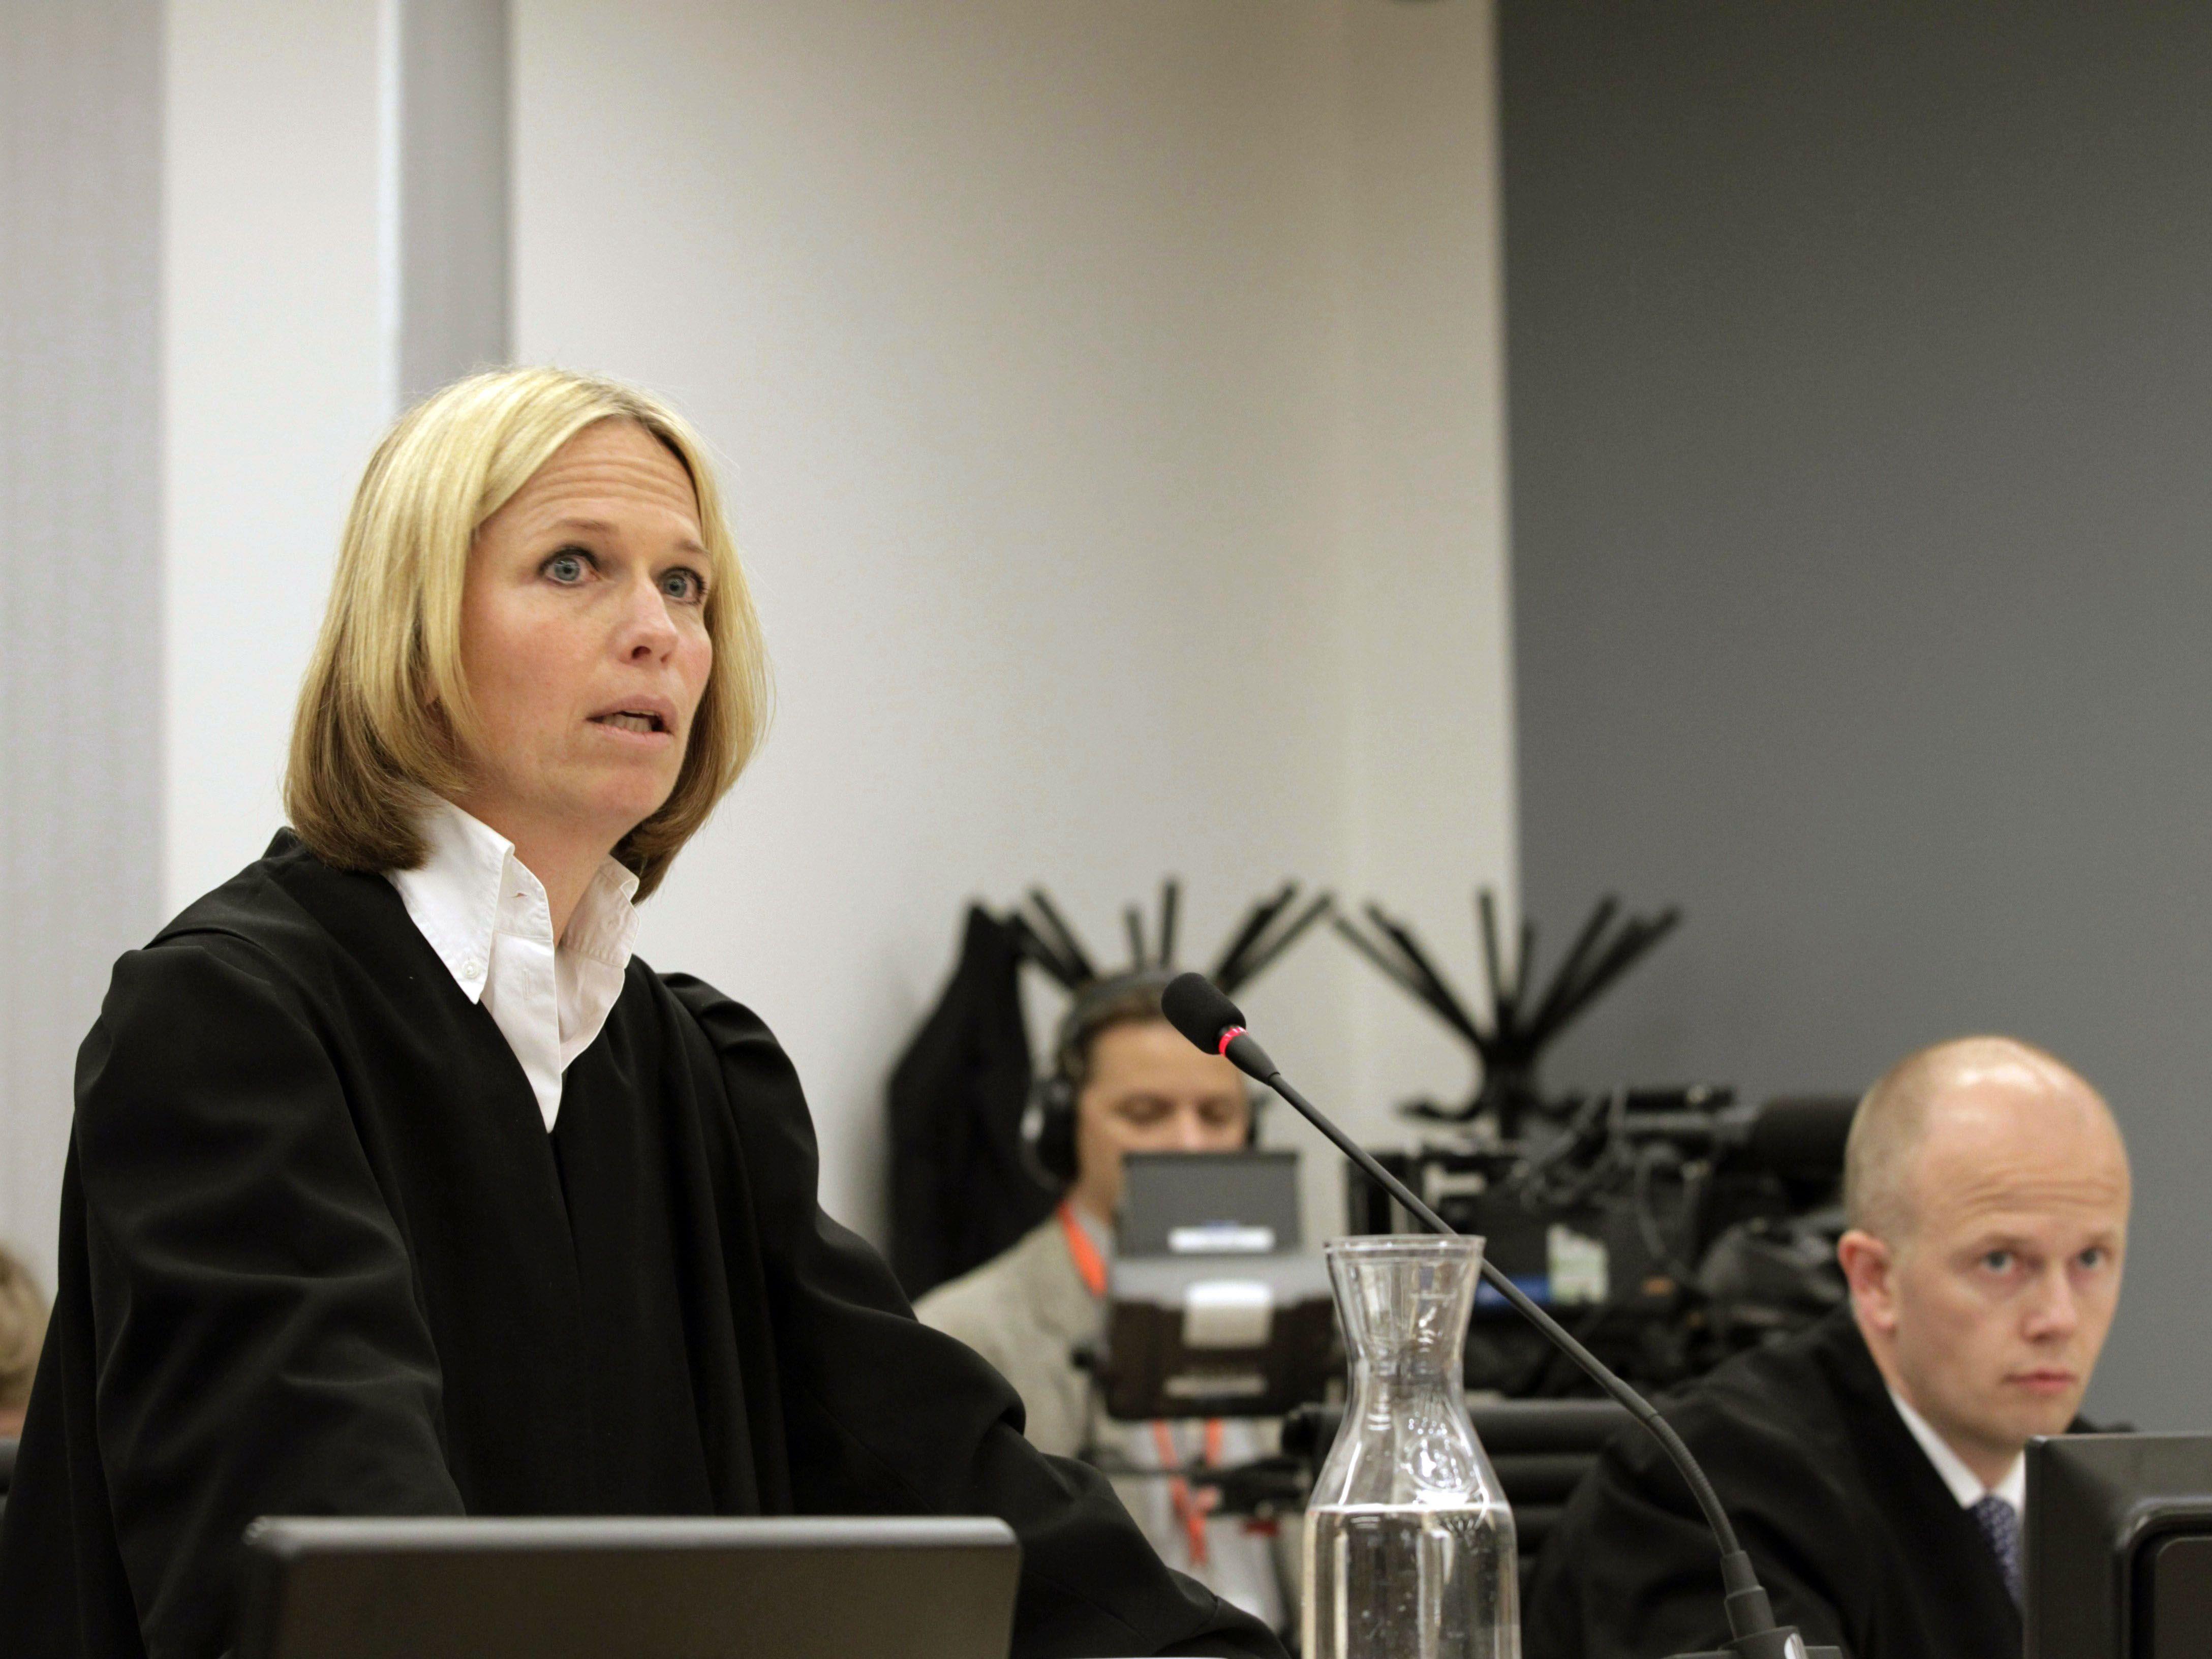 """Staatsanwältin Inga Bejer Engh sprach in ihrem Schlussplädoyer von einem """"nationalen Trauma""""."""